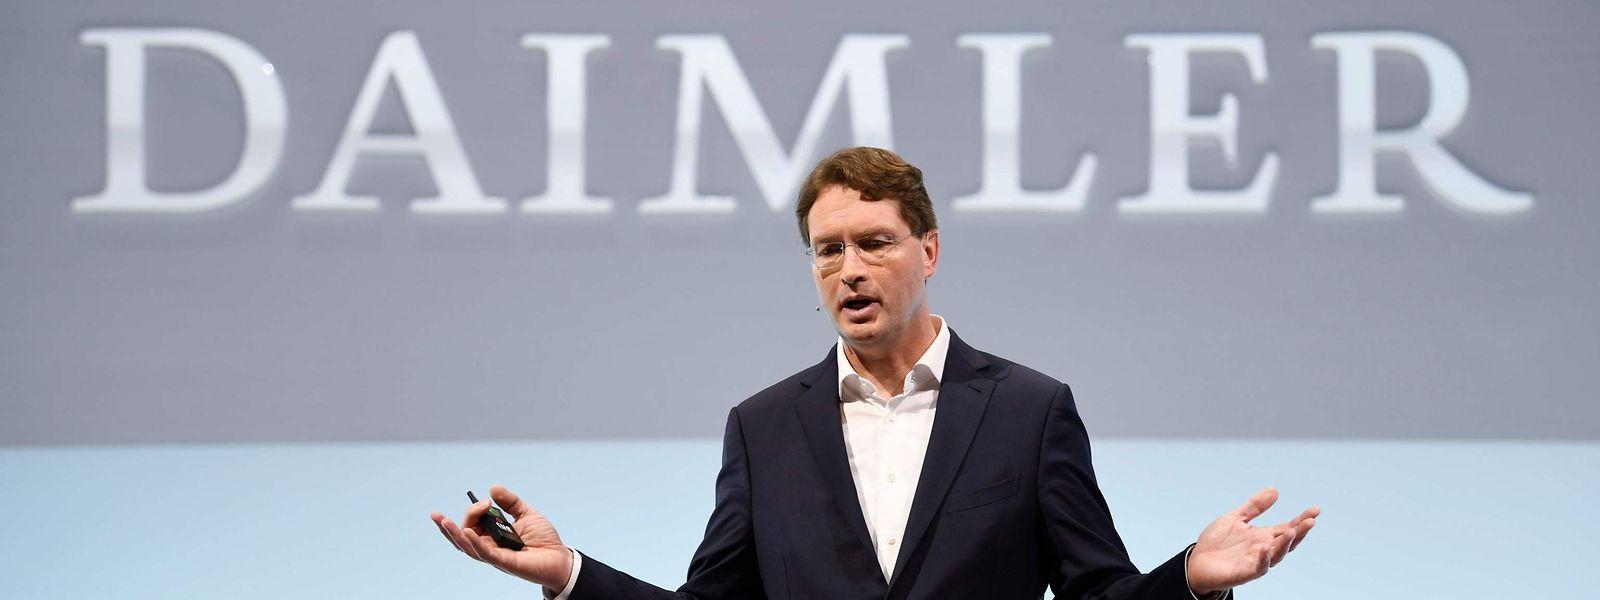 Visiblement, le plan de rachat présenté par Ola Kaellenius, directeur général de Daimler, laisse planer des zones d'ombre.